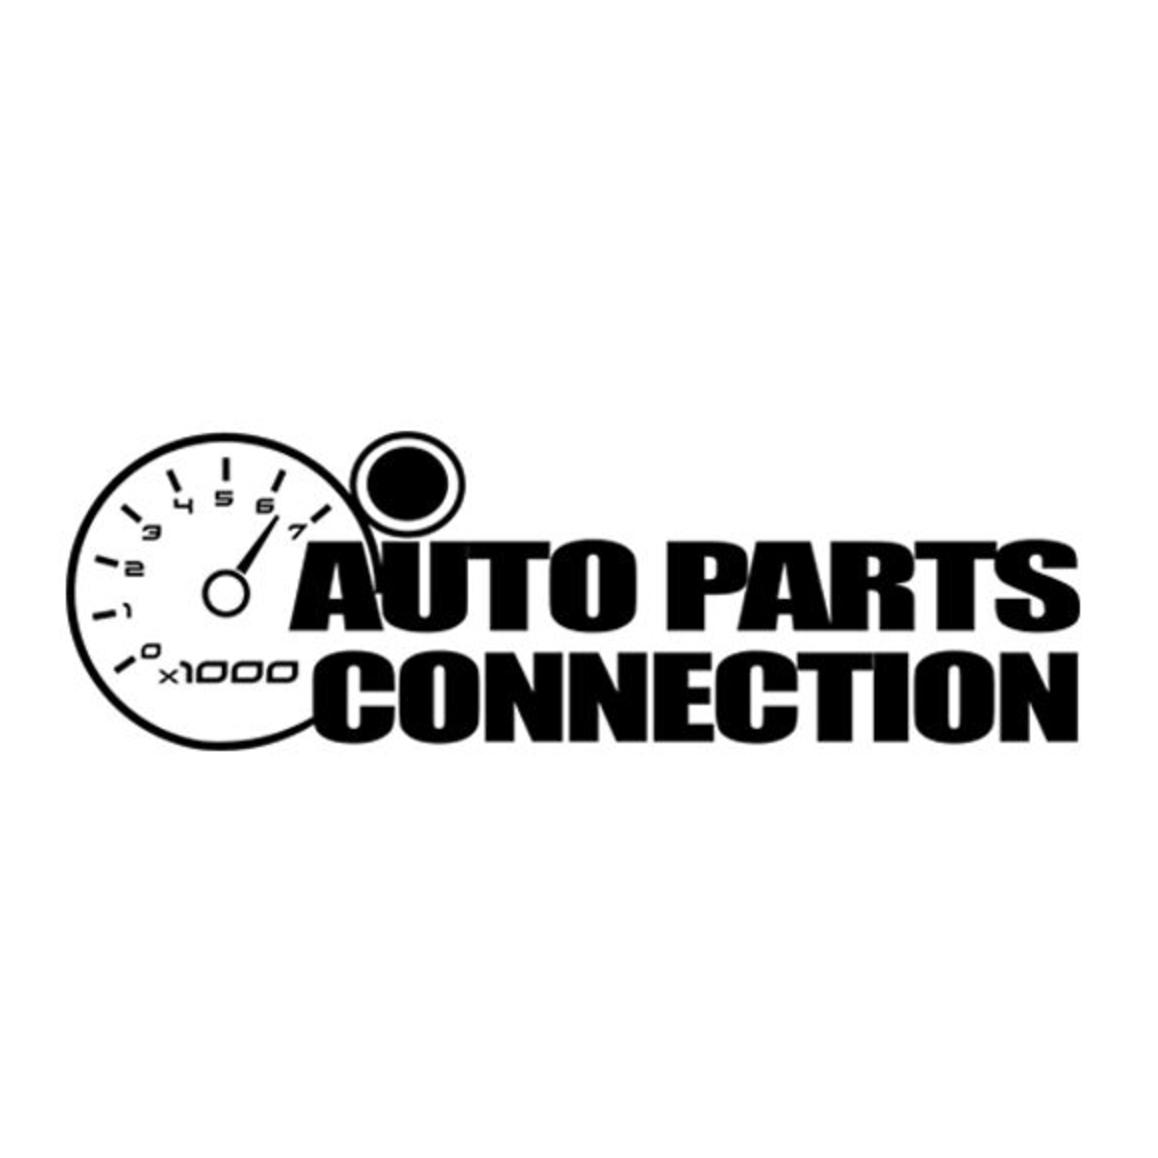 Auto Parts Connection